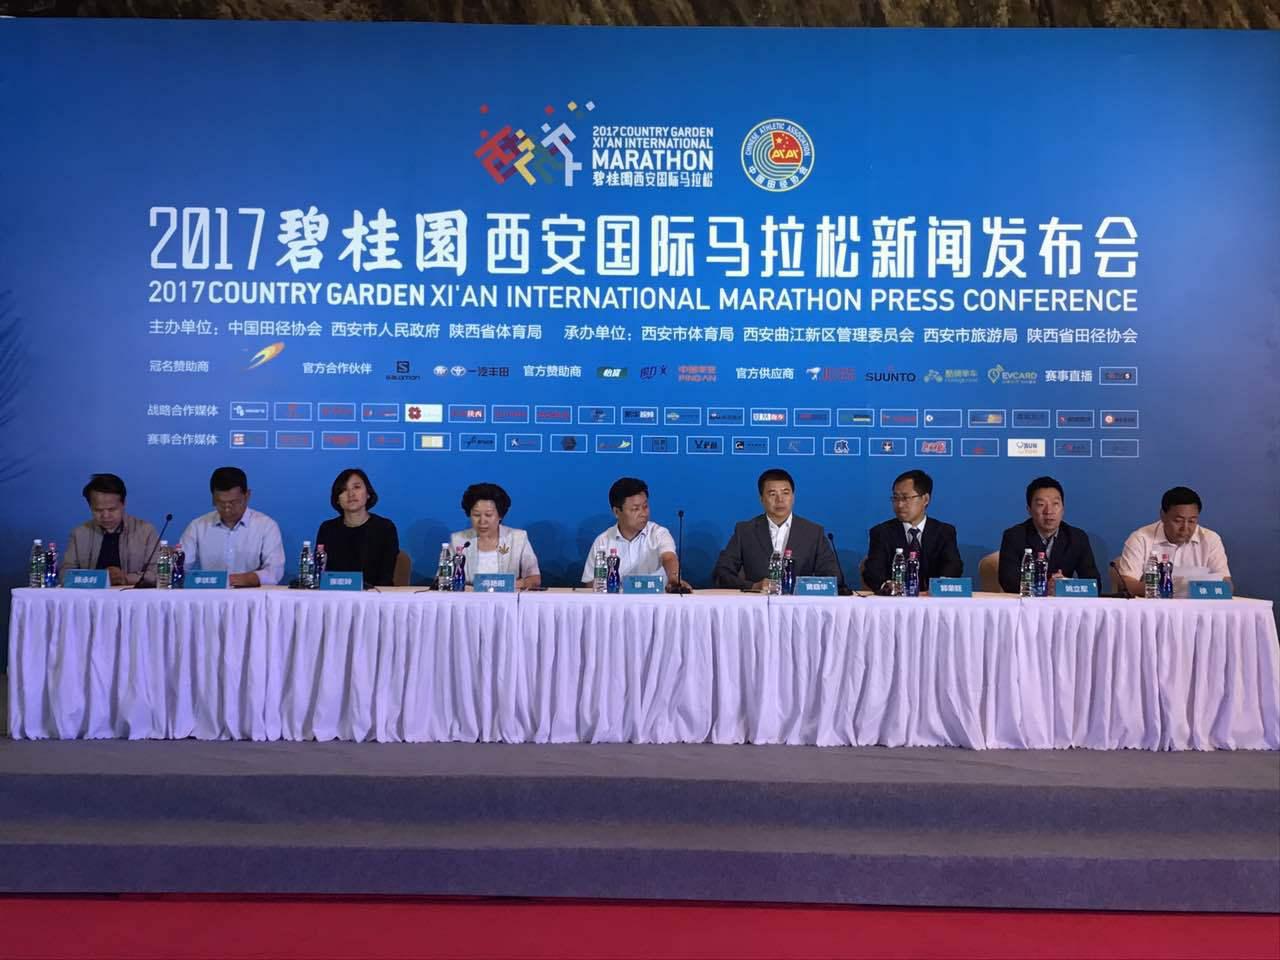 西安马拉松发布会召开 10月28日起跑